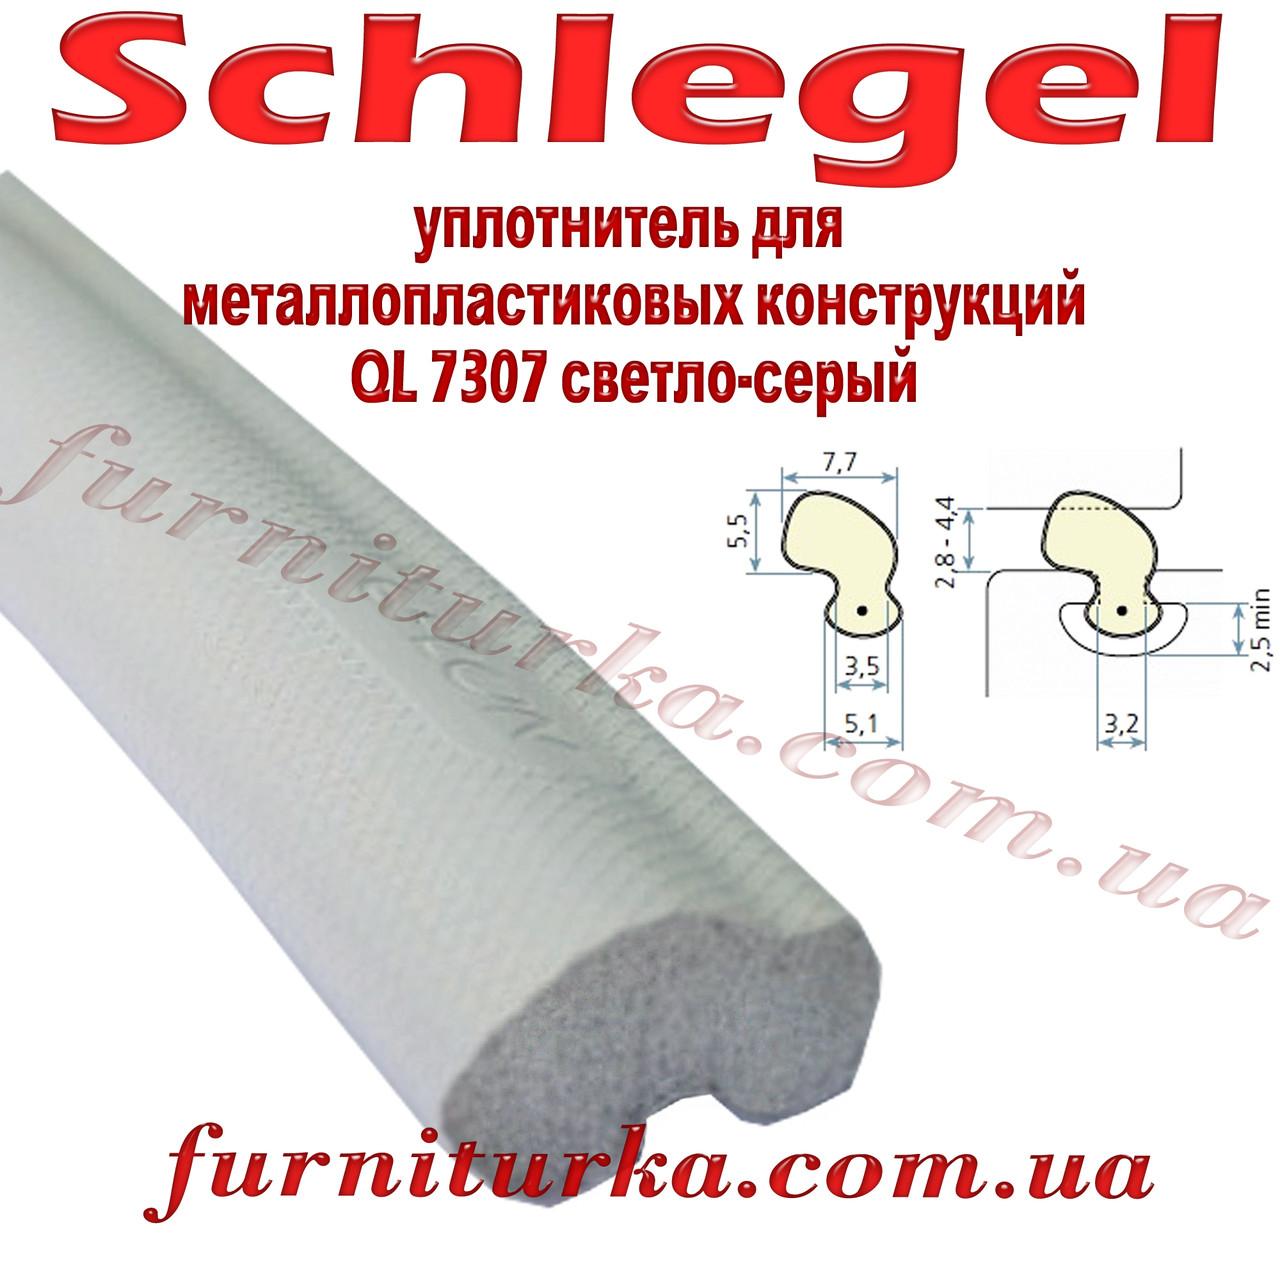 Уплотнитель для ПВХ Schlegel QL 7307 светло-серый